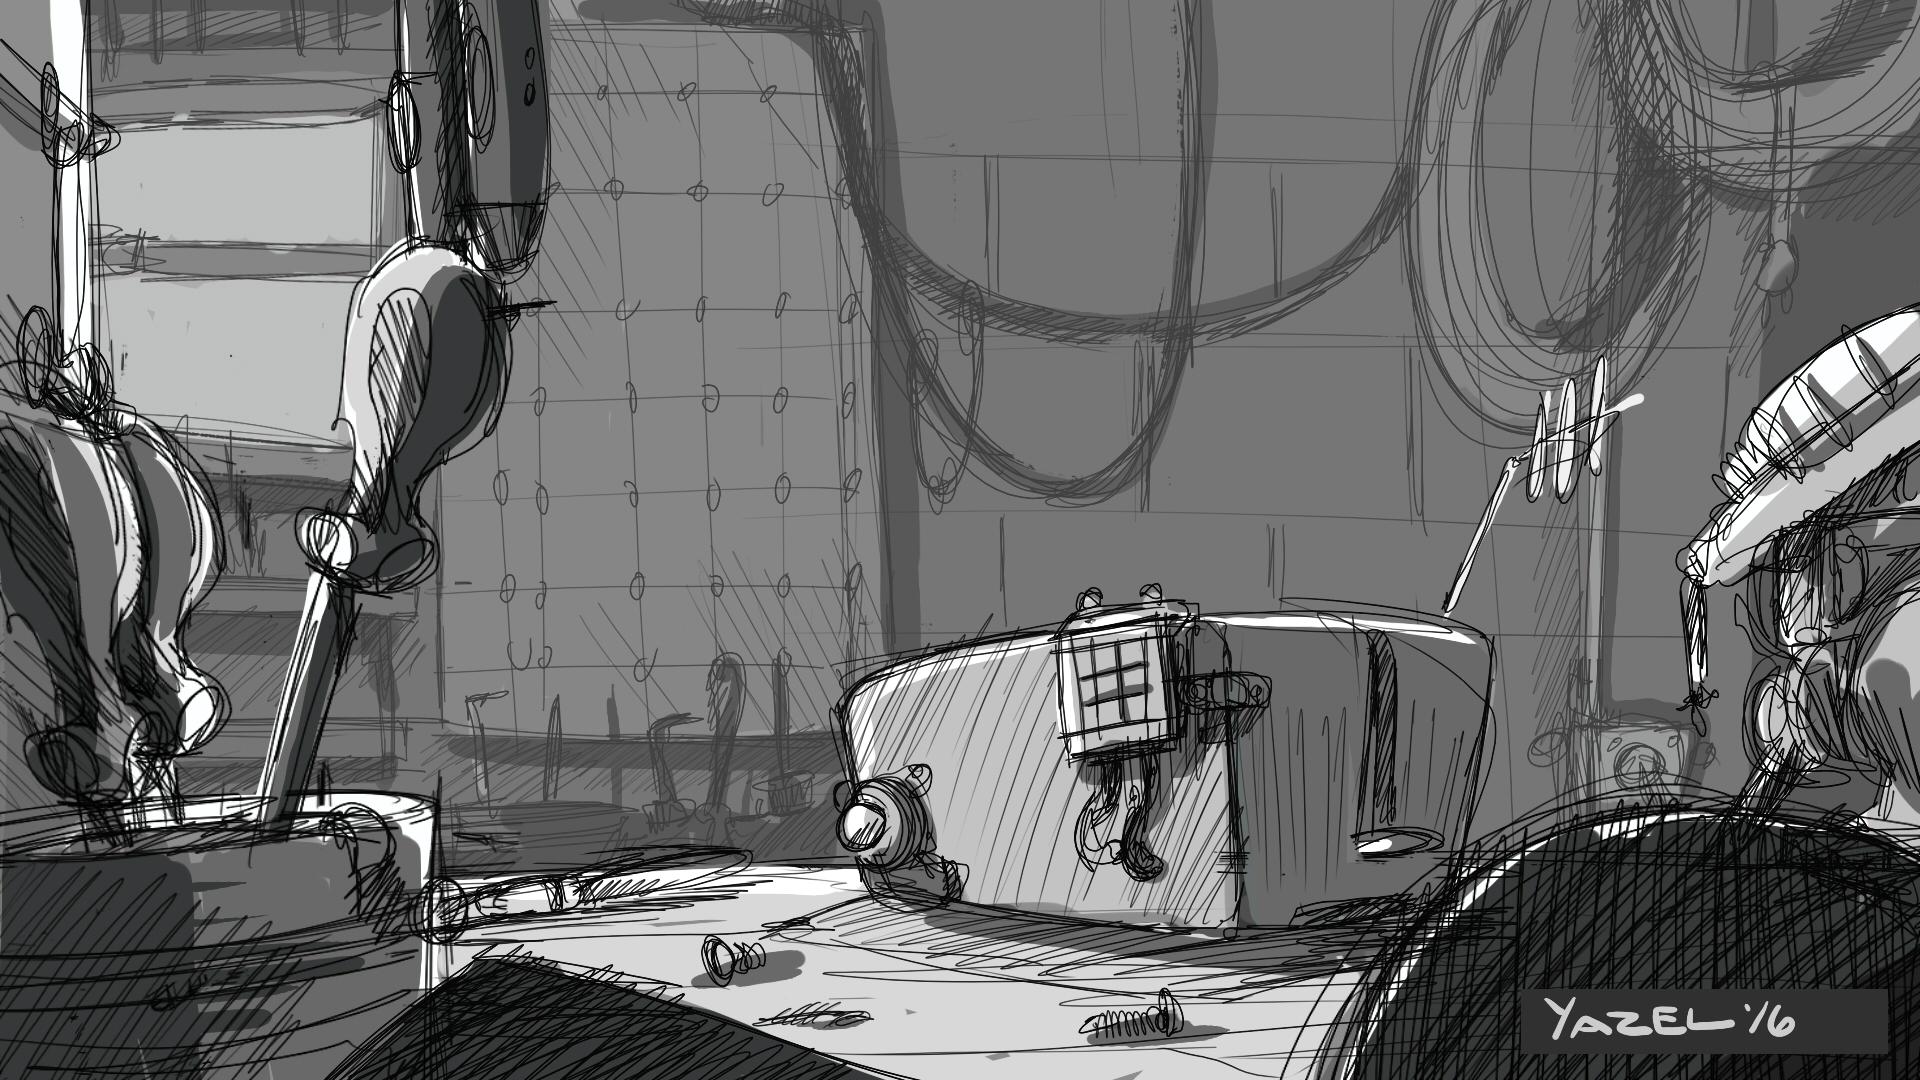 Garage sketch